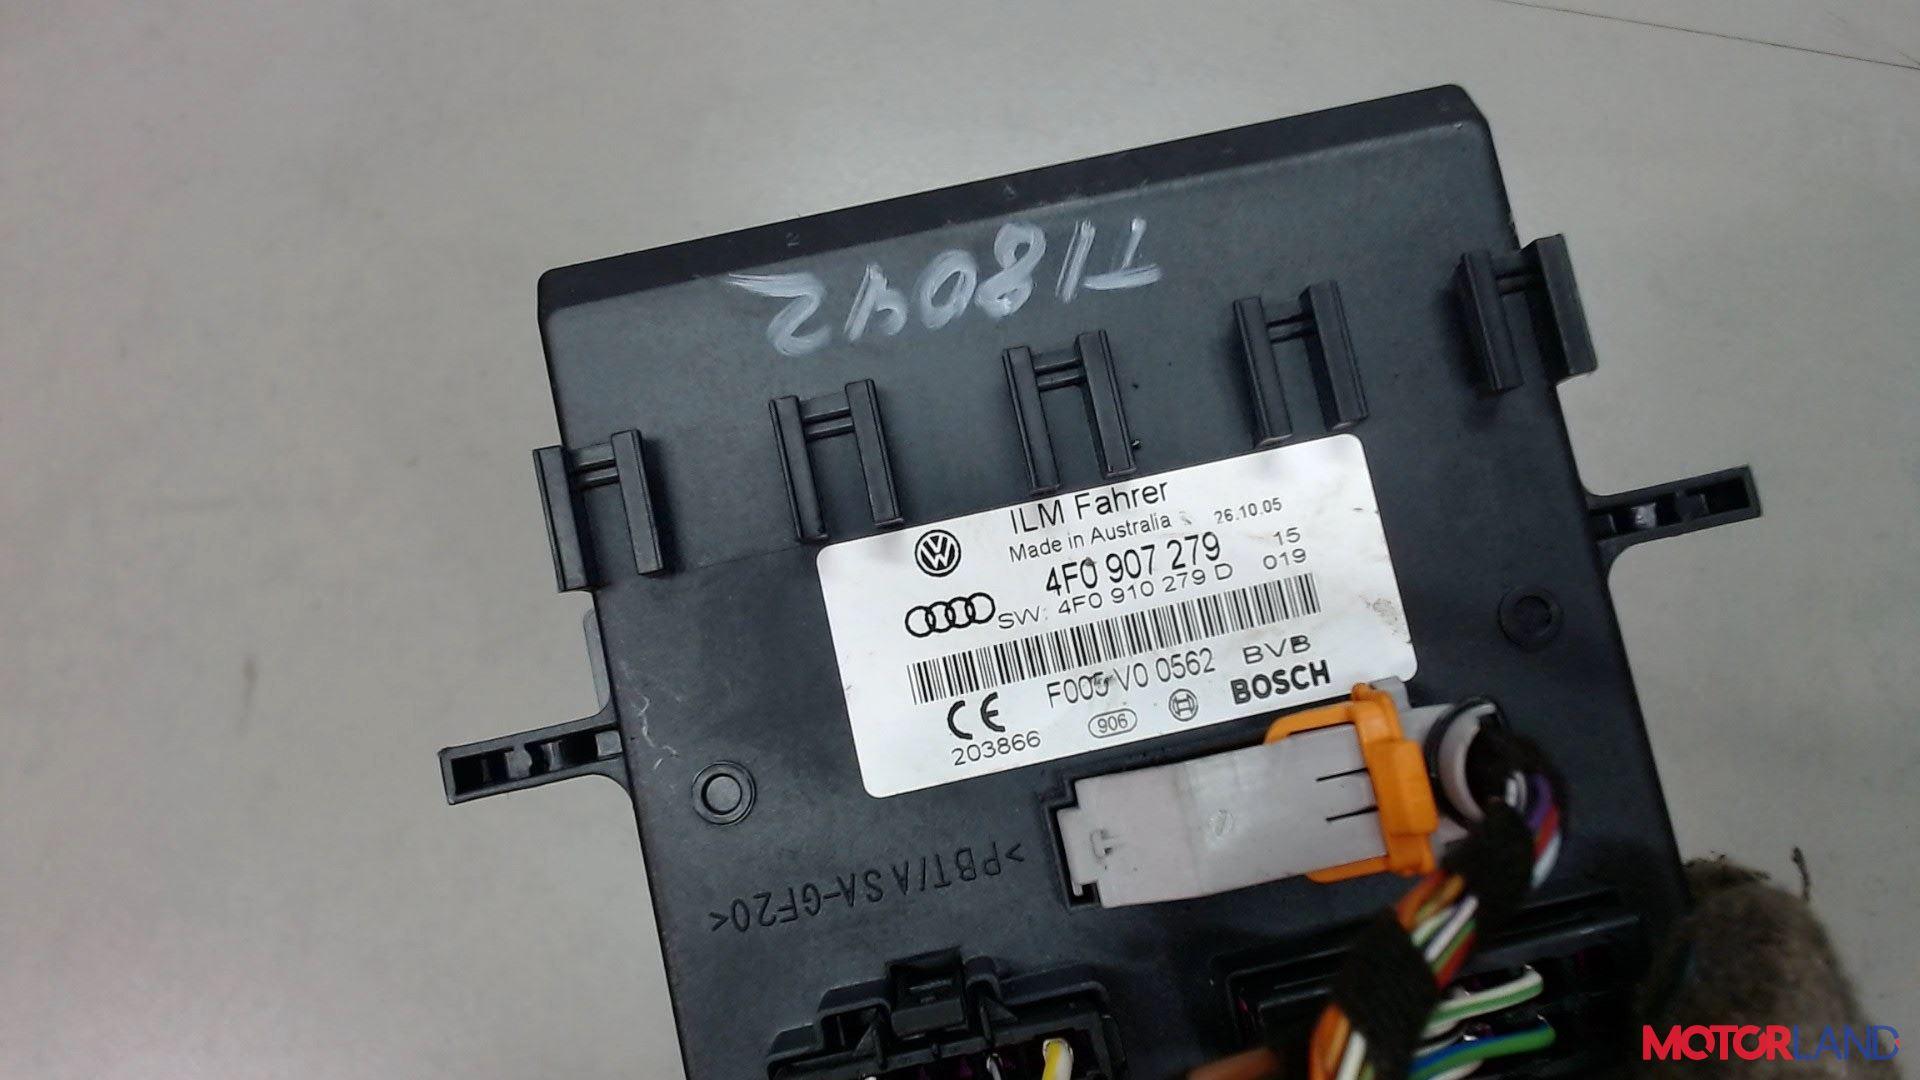 Блок управления (ЭБУ) Audi A6 (C6) 2005-2011 3.2 л. 2006 AUK б/у #2